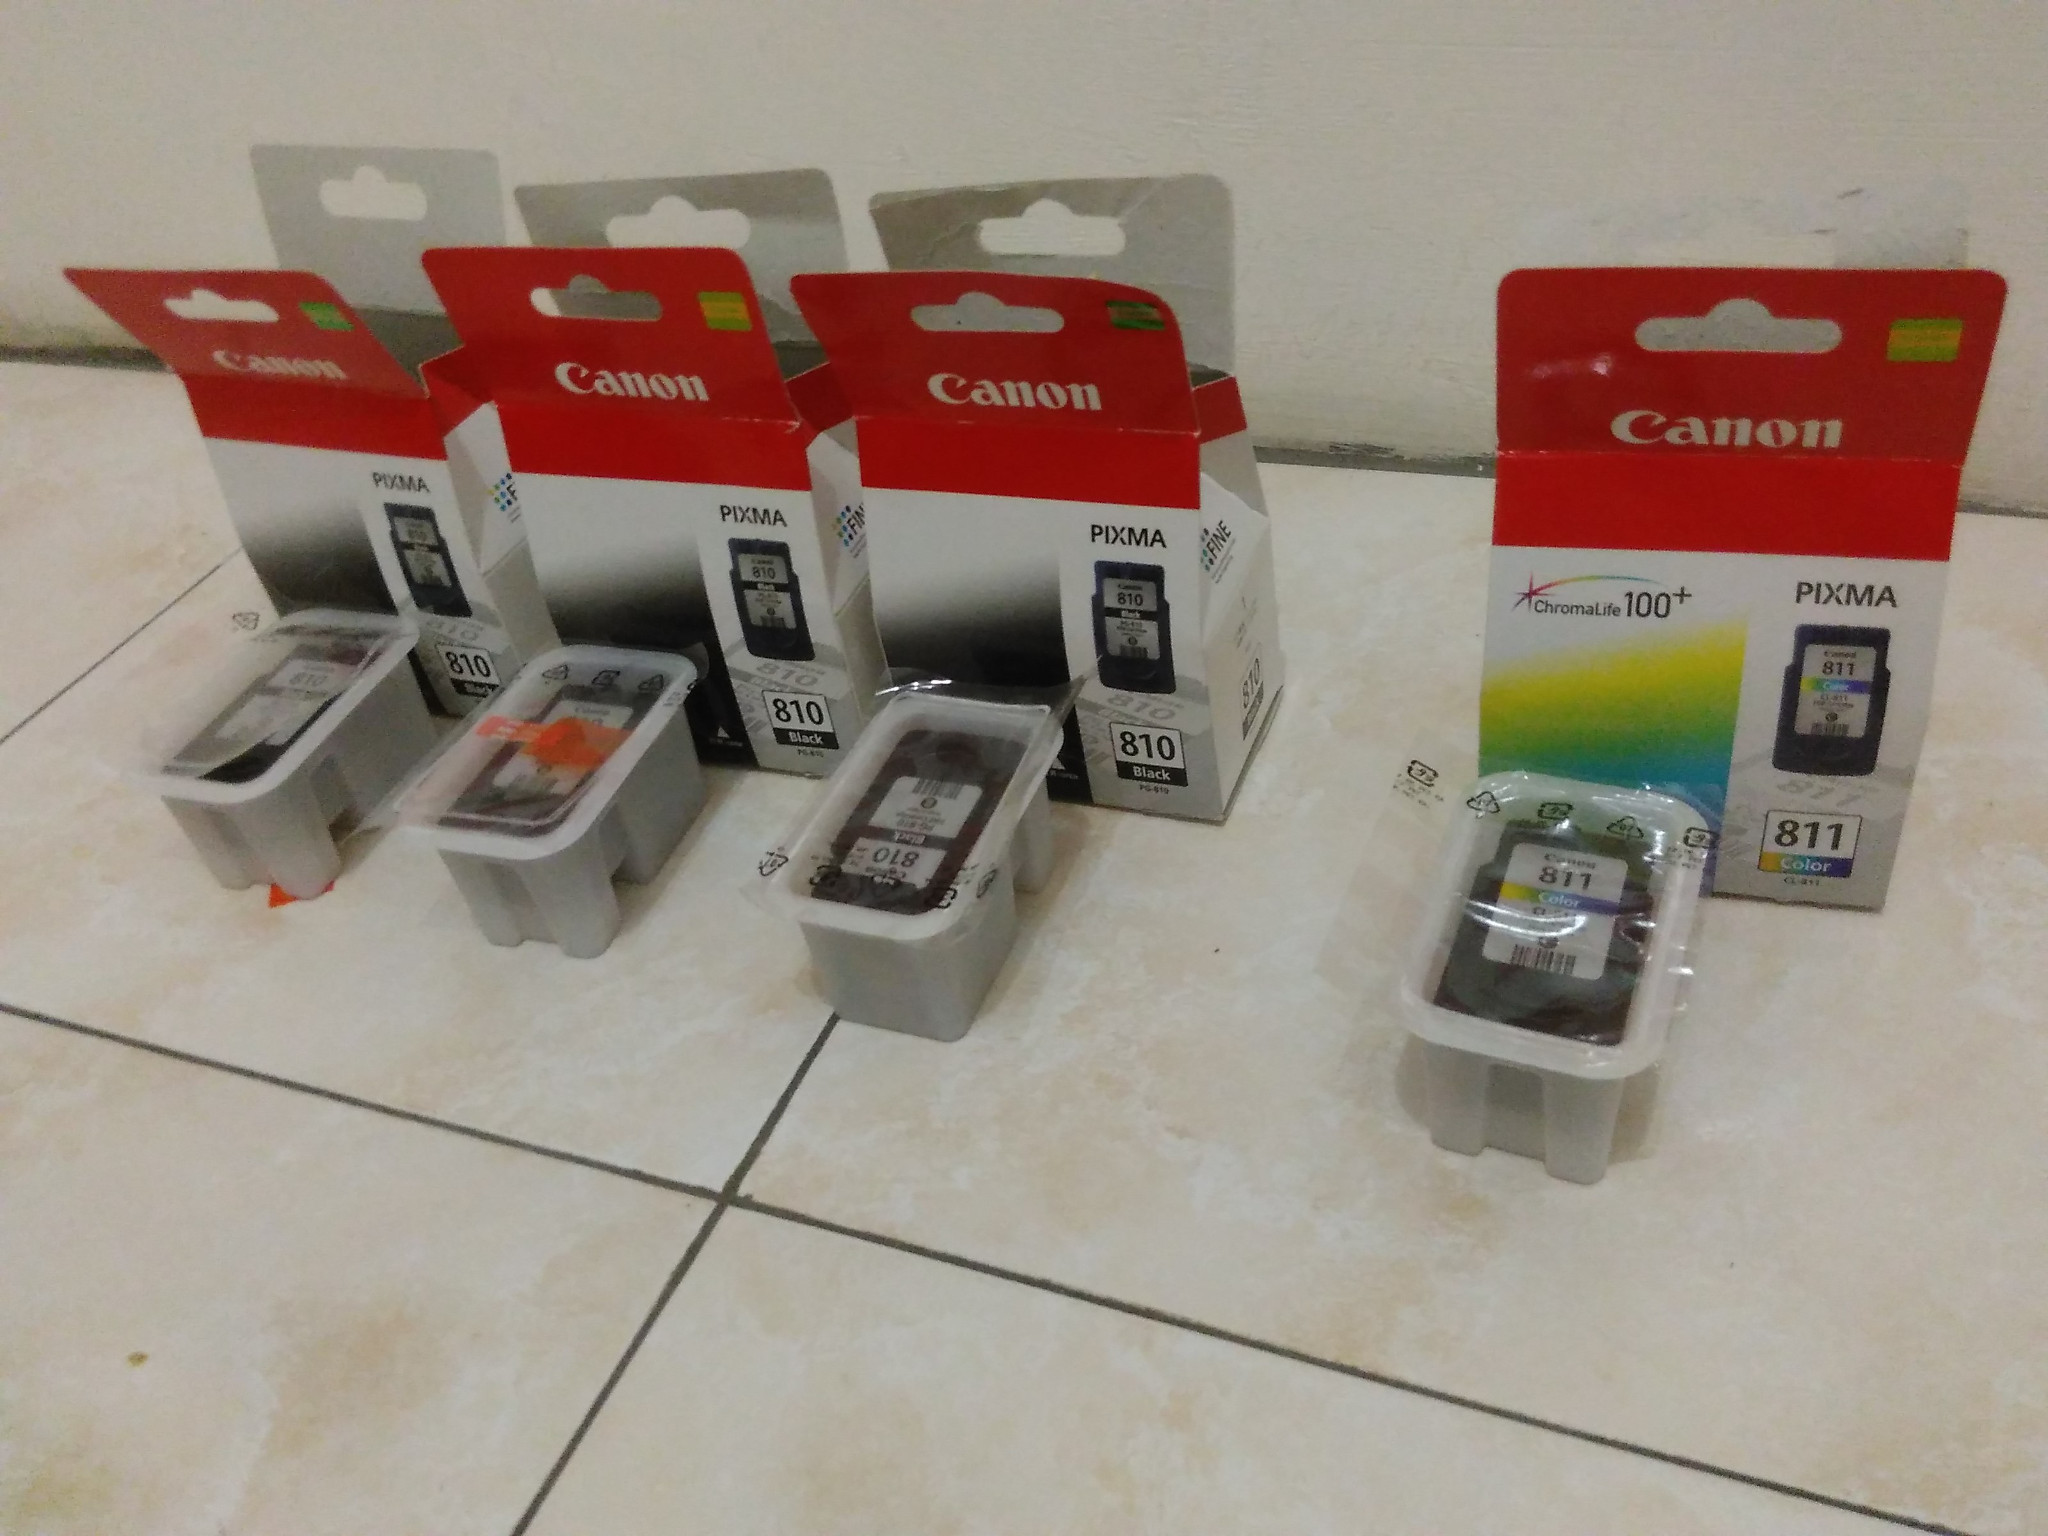 Jual Cartridge Canon Pg 810 Dan Cl 811 Elektronika Life Tokopedia Catridge Buat Test